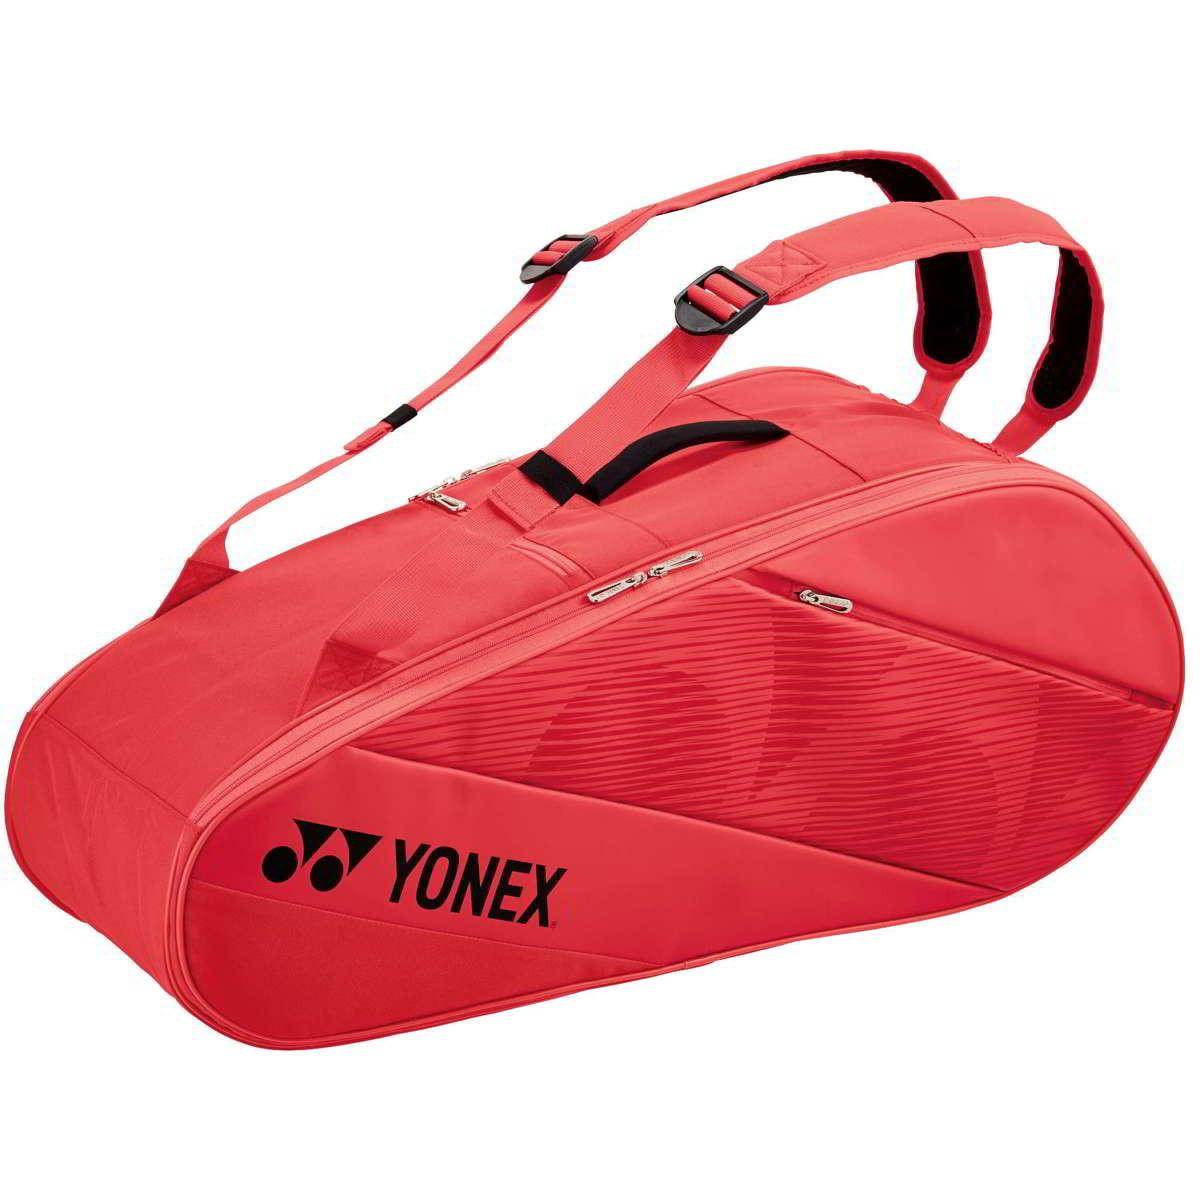 Yonex Active Bag 9R 82026 Red (foto 9 bag volgt)